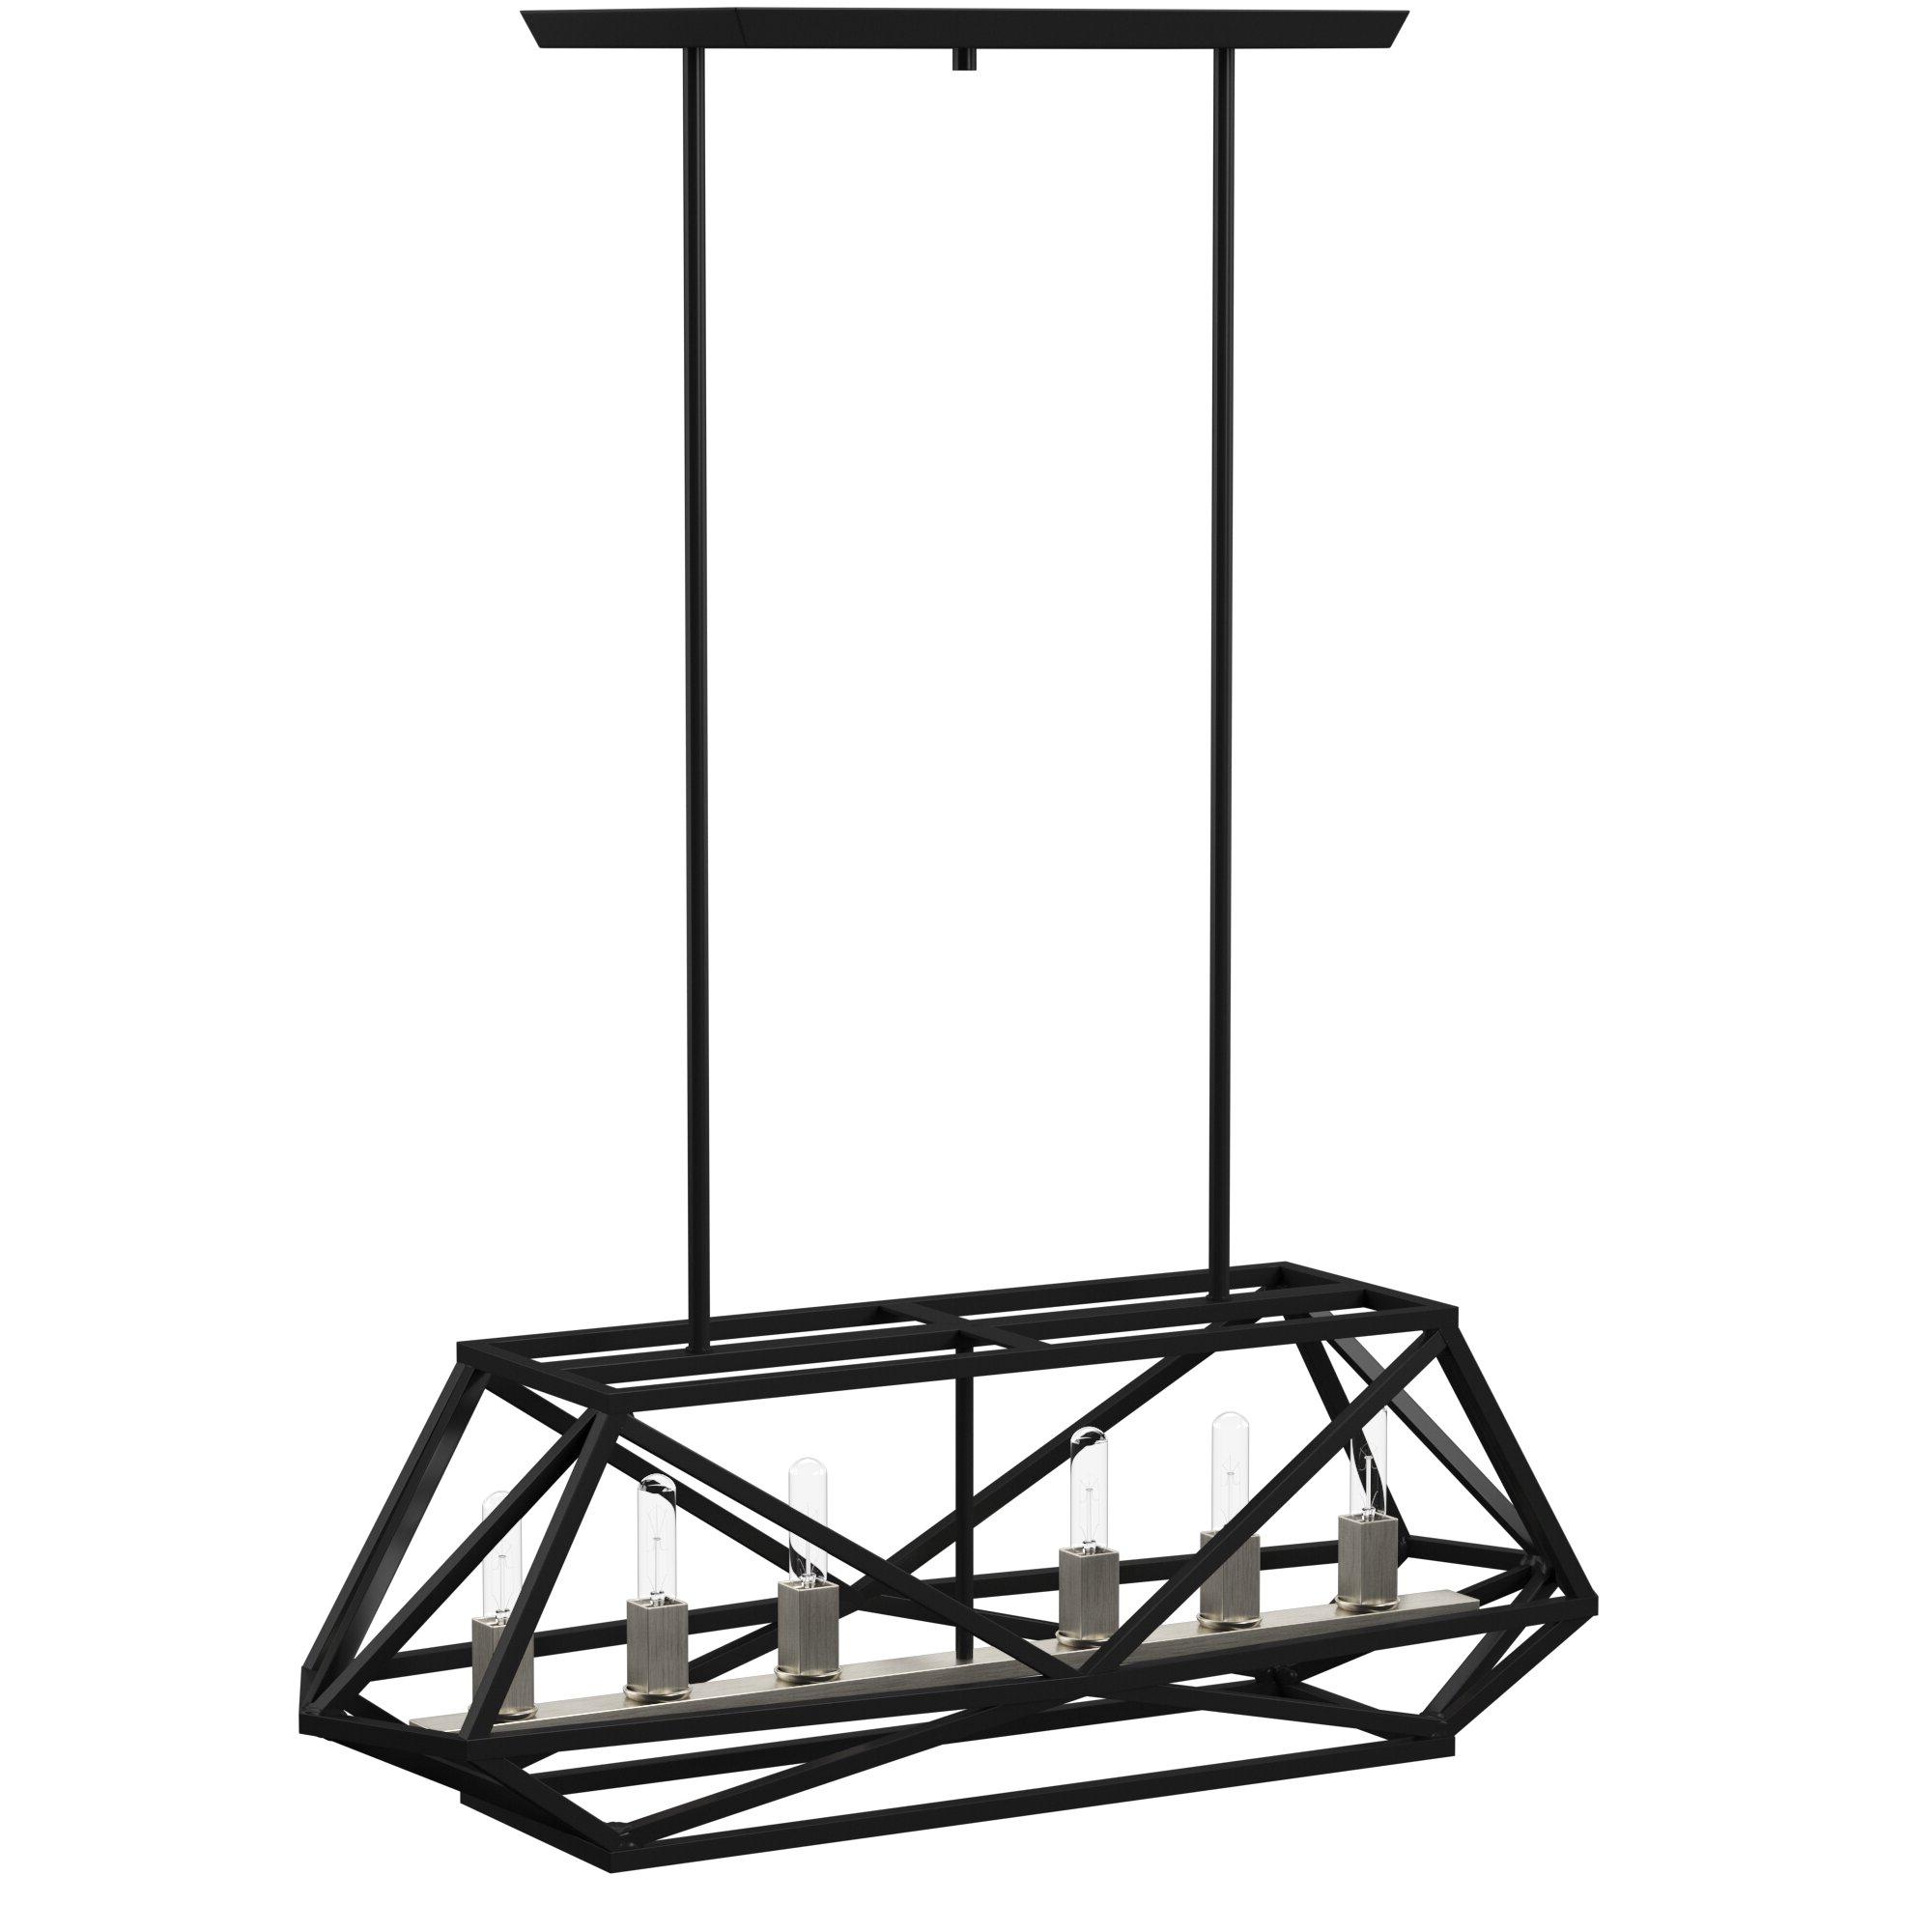 Tabit 6 Light Rectangle Chandelier Regarding Well Known Tabit 5 Light Geometric Chandeliers (View 7 of 25)